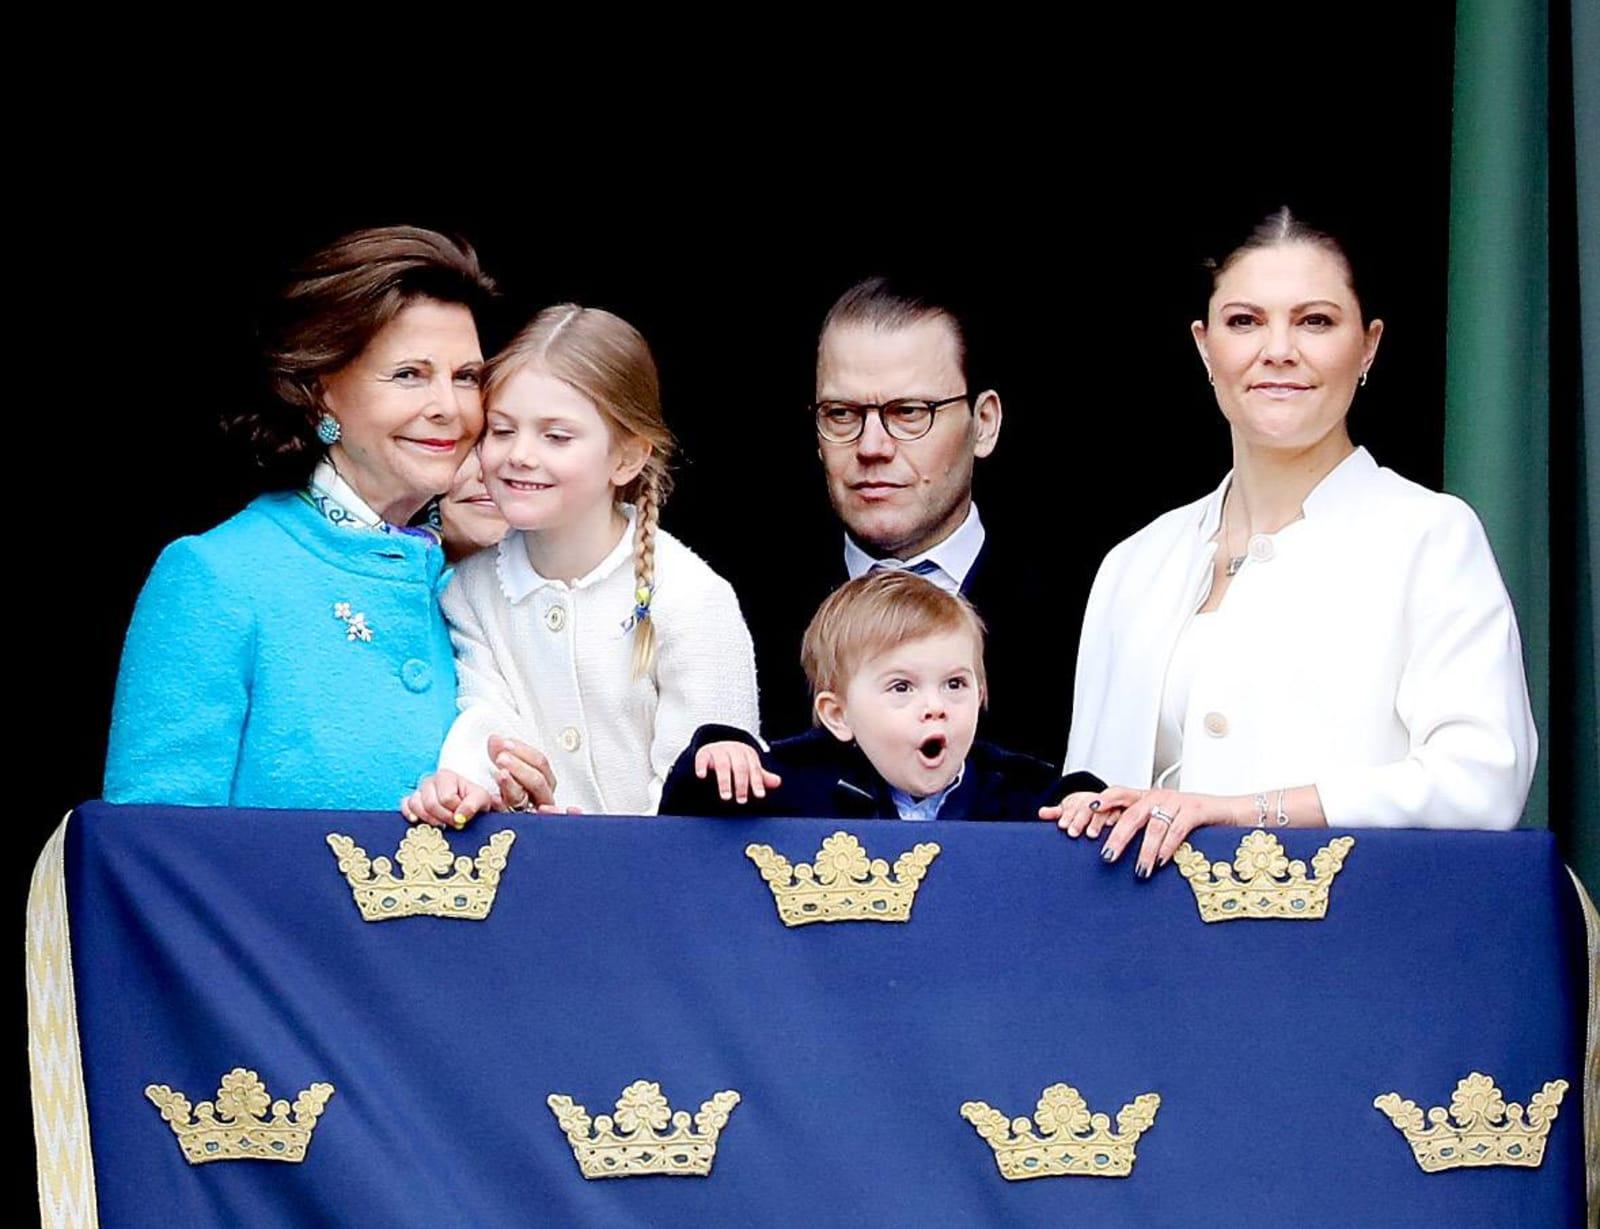 Mutter werden nach 35 – ganz normal für diese Royals